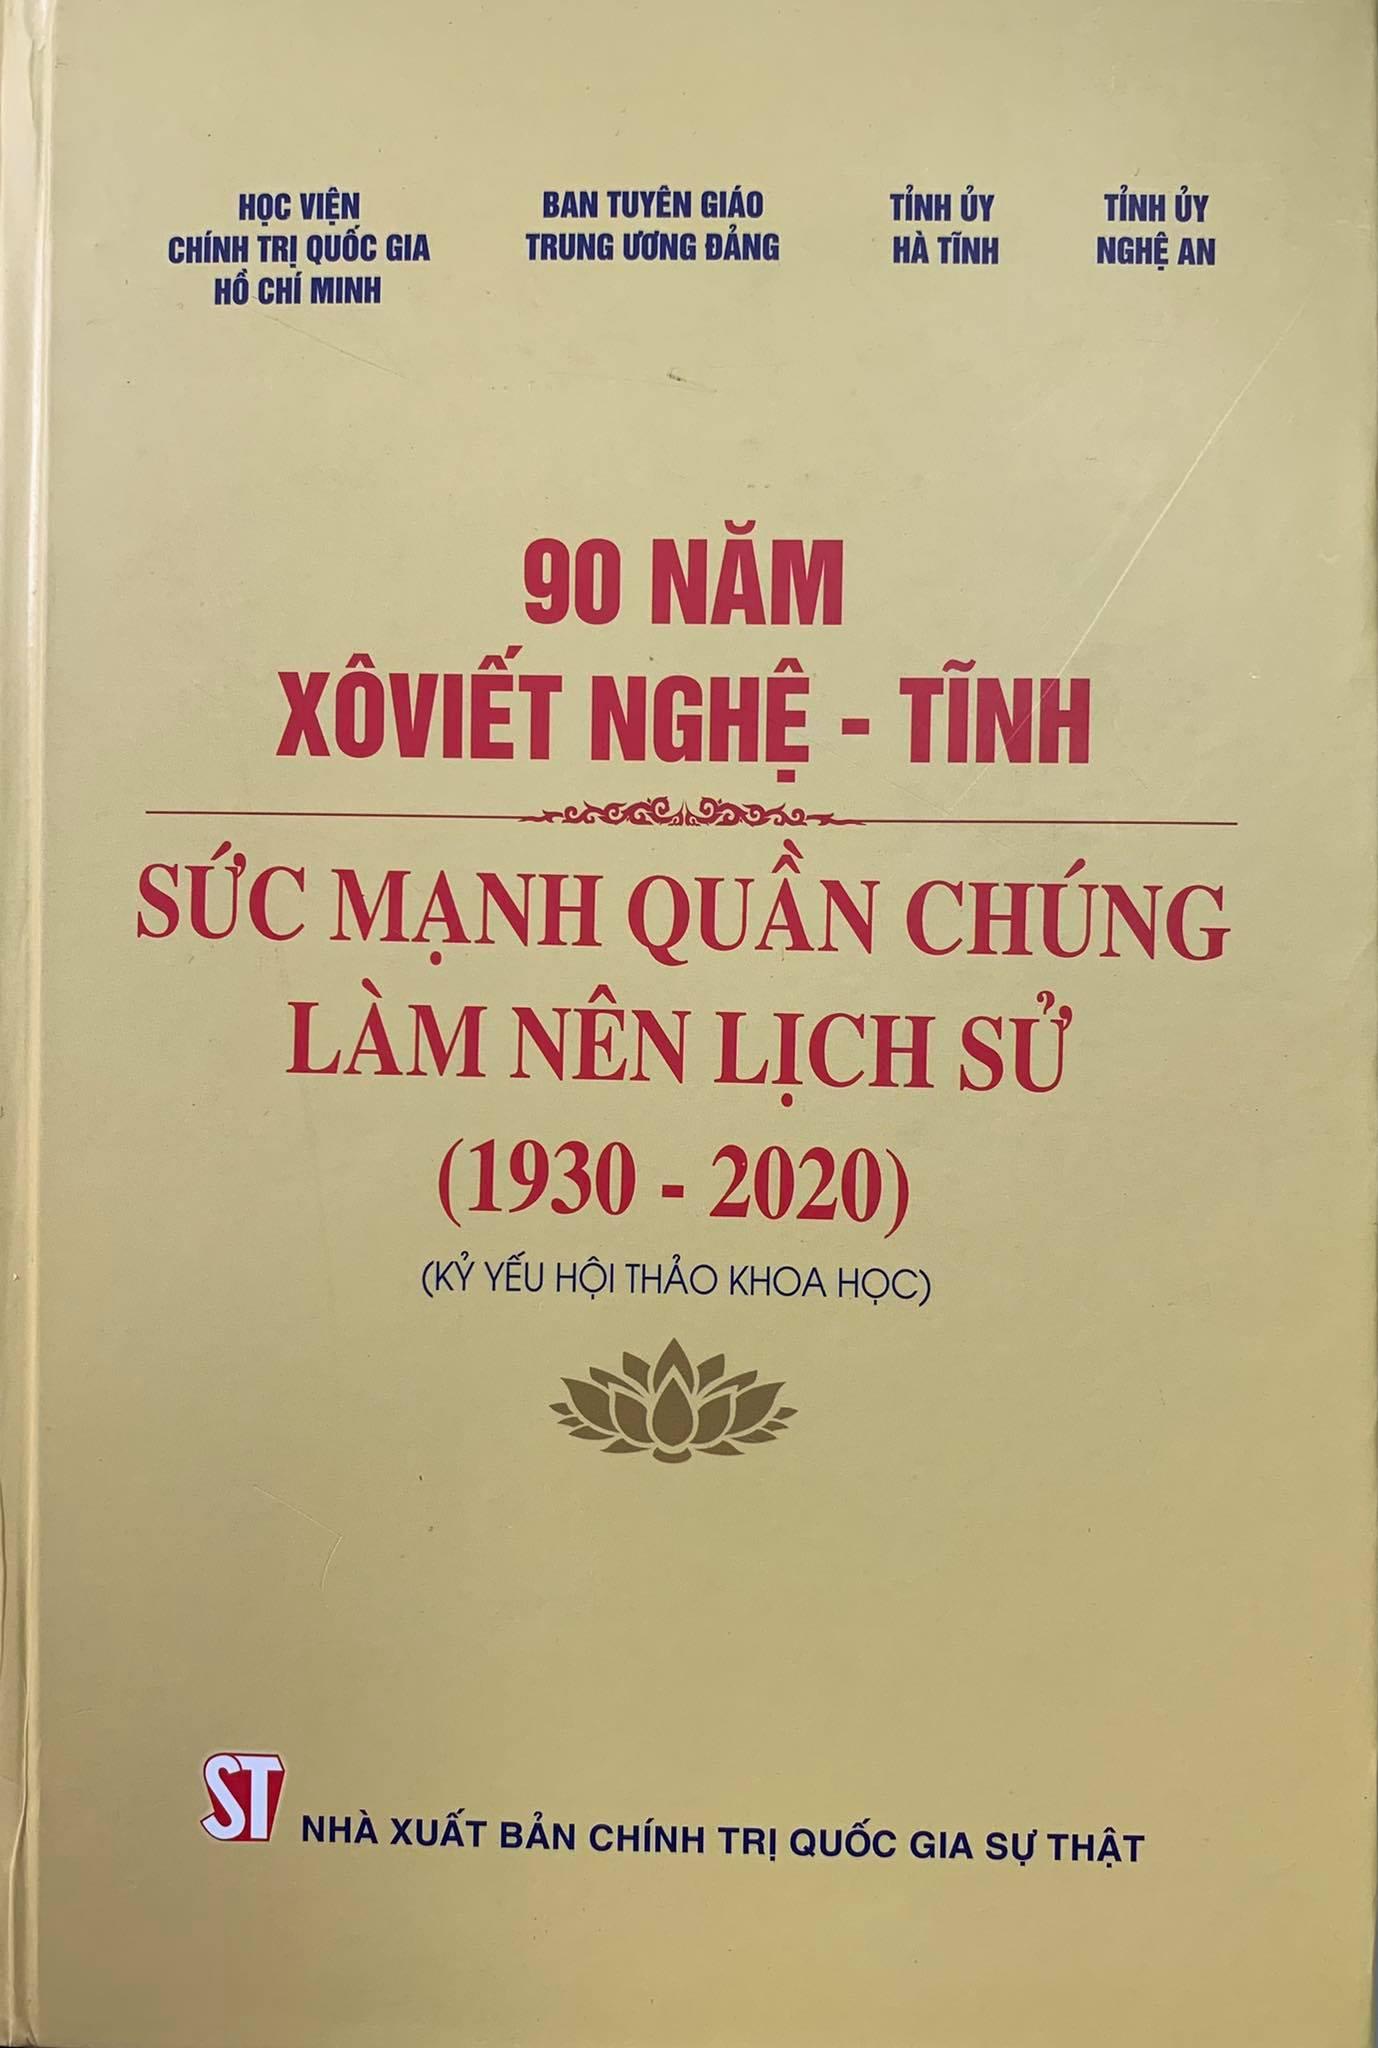 90 năm Xôviết Nghệ - Tĩnh: Sức mạnh quần chúng làm nên lịch sử (1930 - 2020)